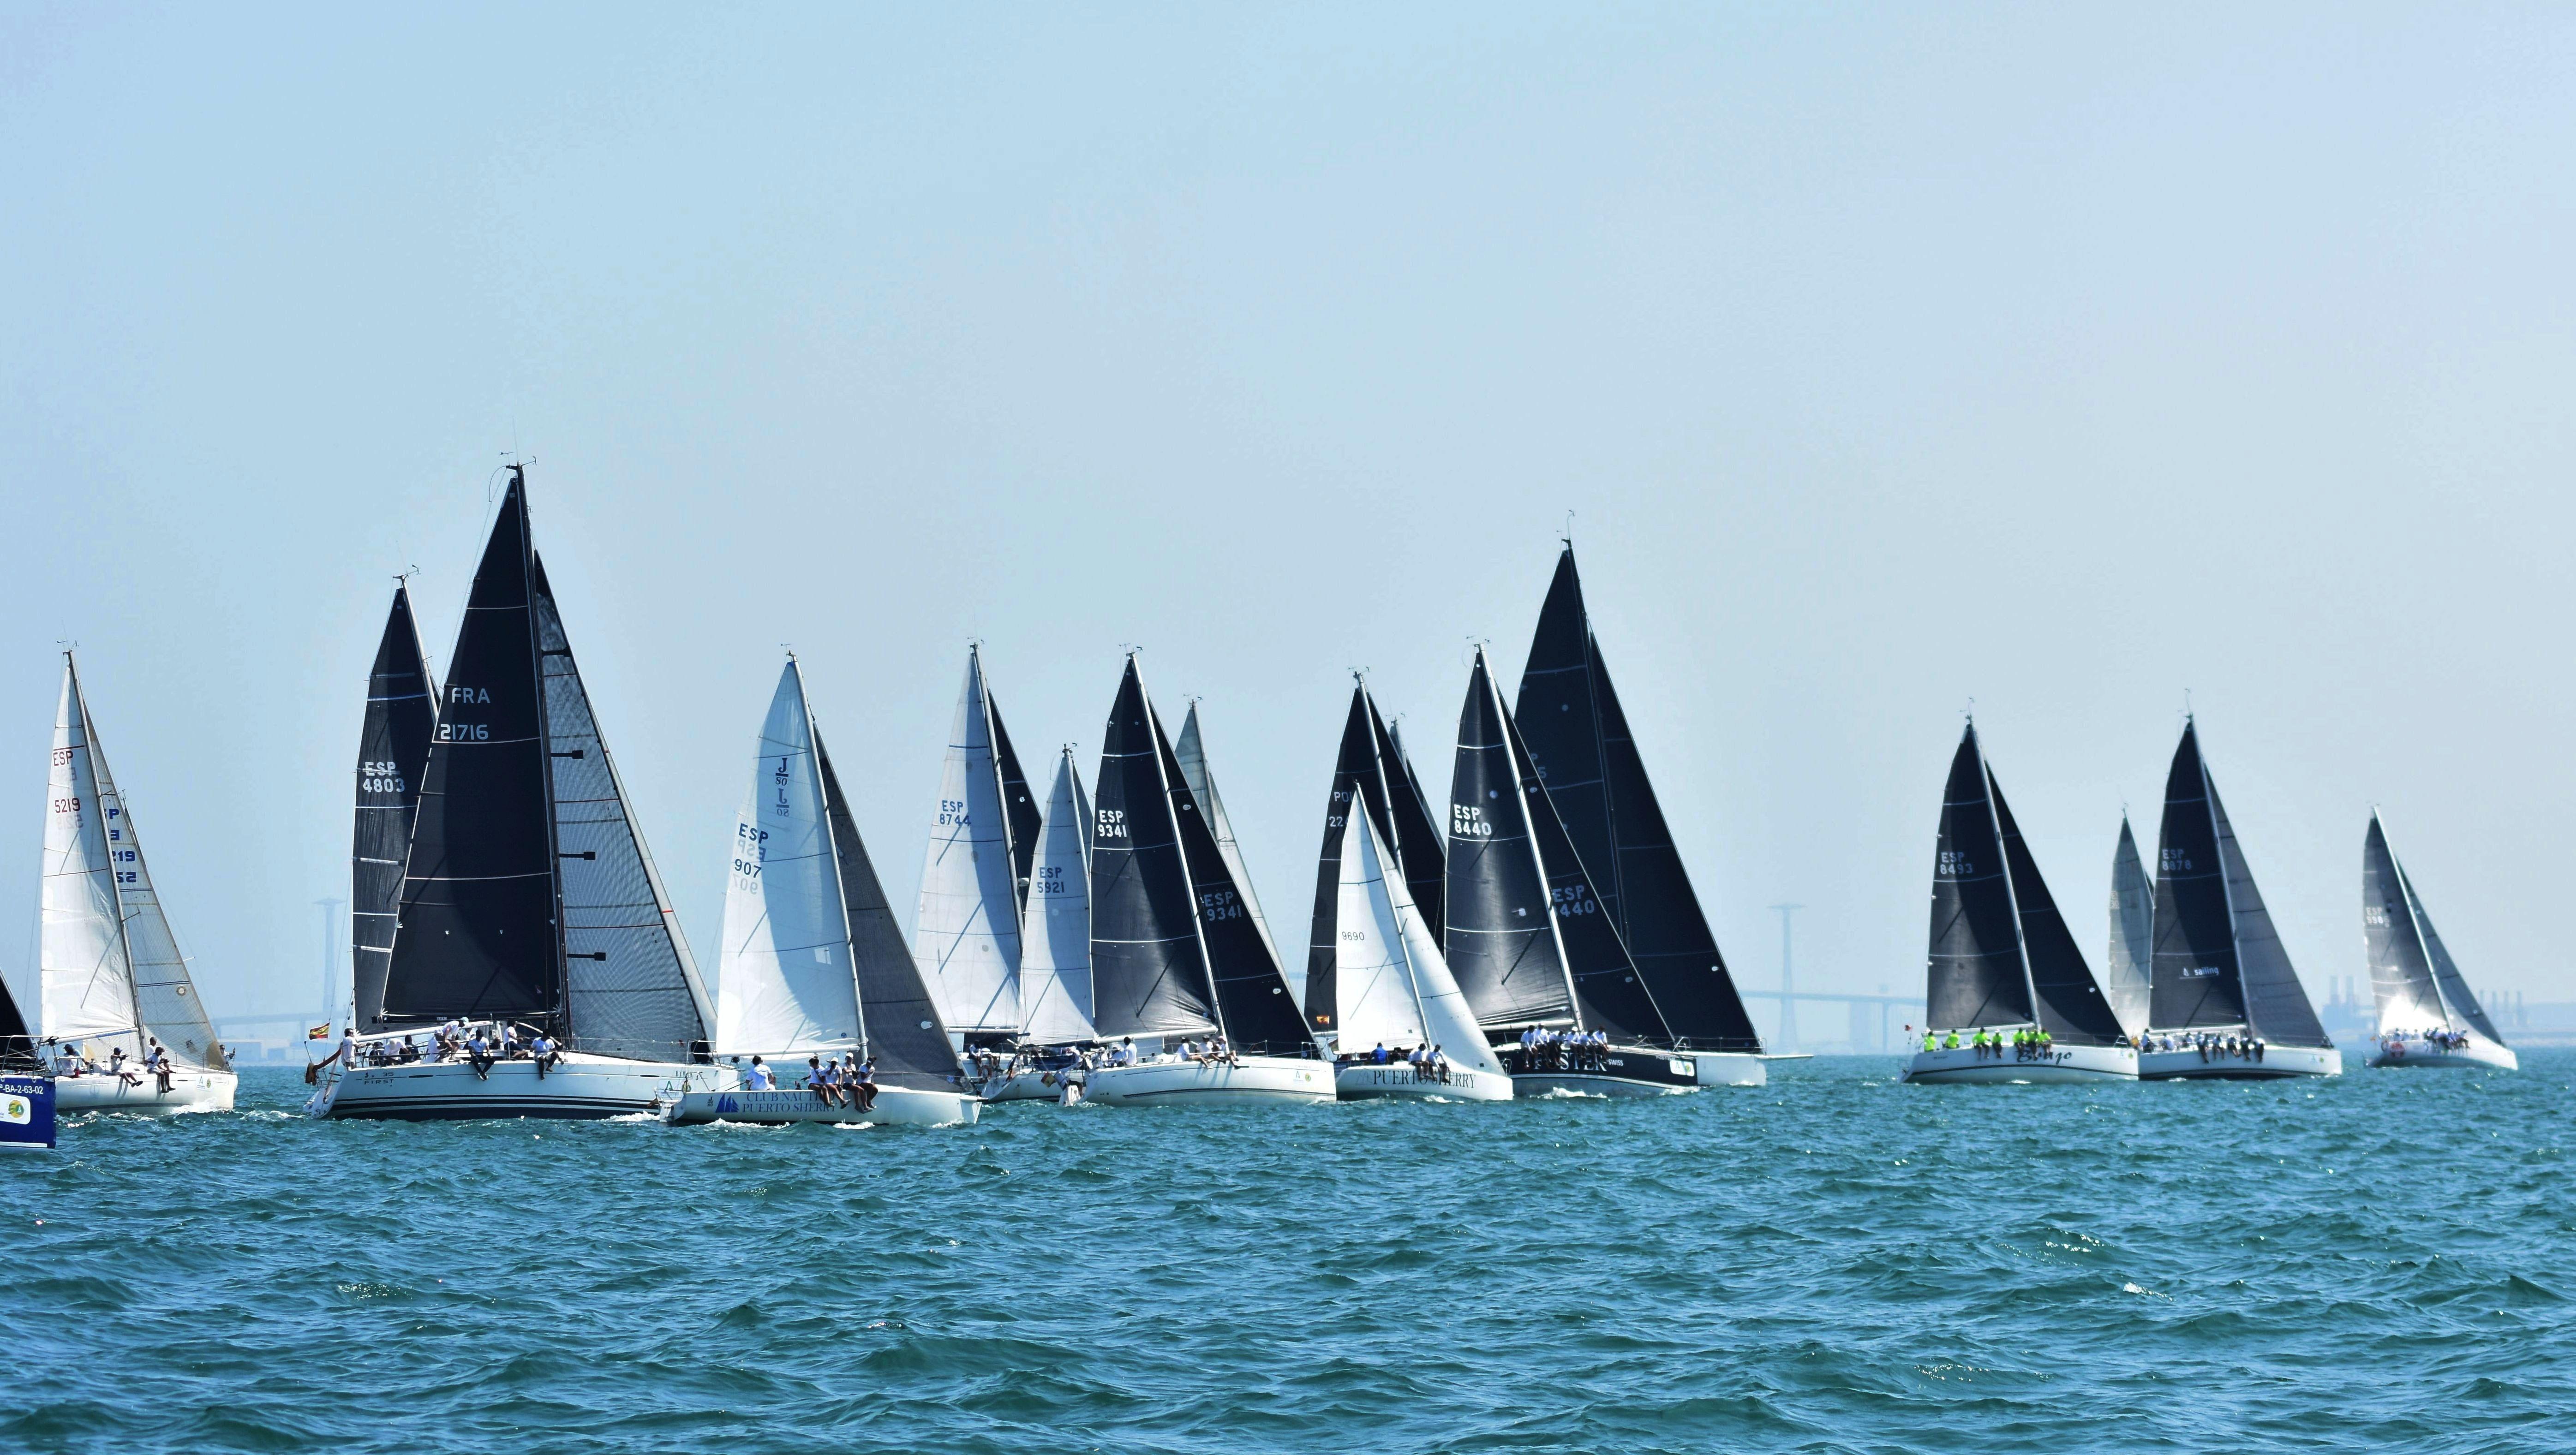 El 'DE 6 Foster Swiss', a un paso del zarpazo final tras sumar su quinta victoria en un costero de 22 millas.  'Habibi II' en ORC 3 y 'Balboa' en ORC 1 también llegan líderes a la jornada final de 'la decana'.